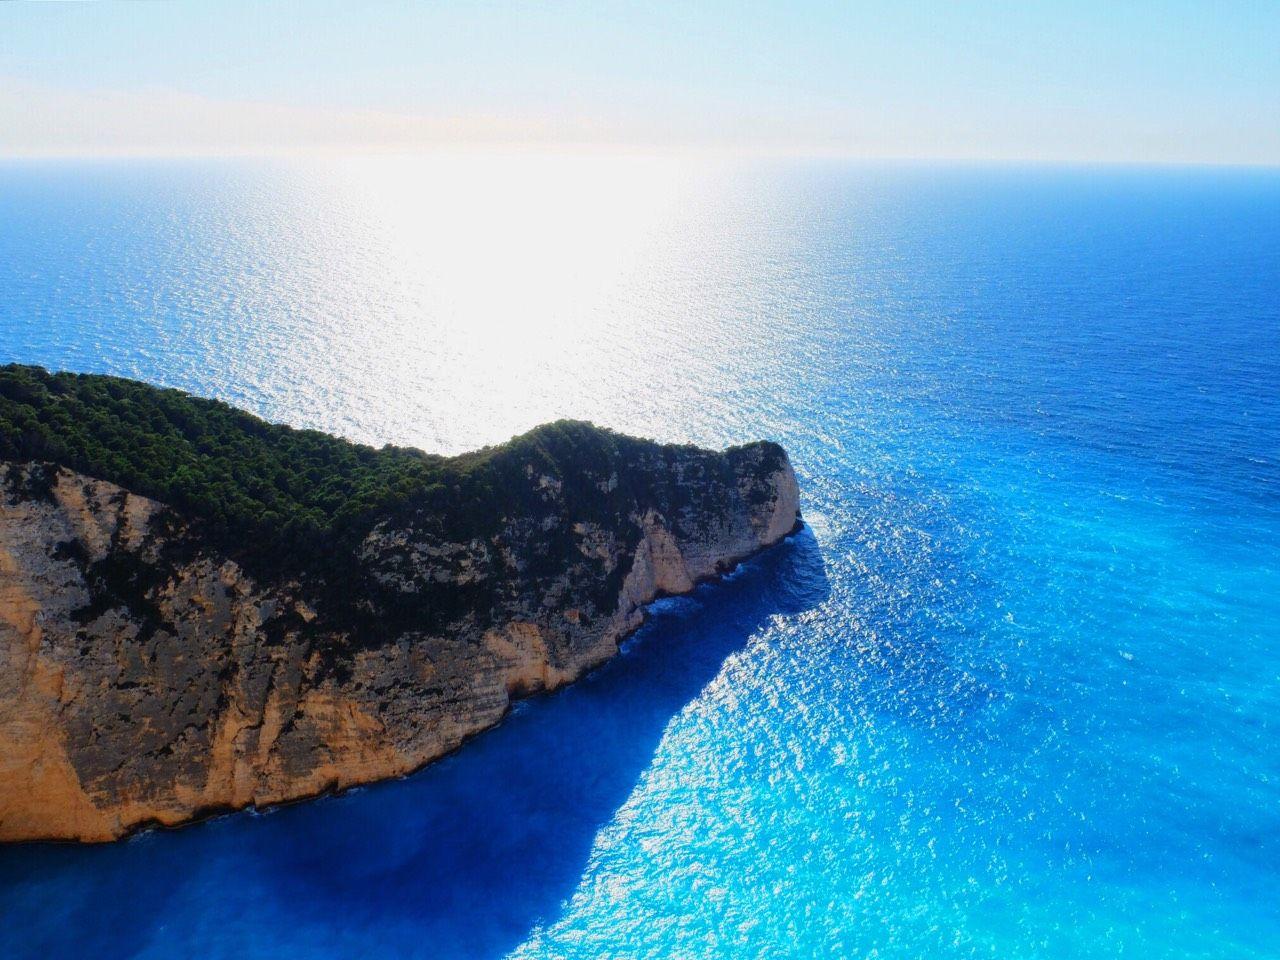 良いことずくめのギリシャ・ベストシーズンは?服装や気候も詳しく解説